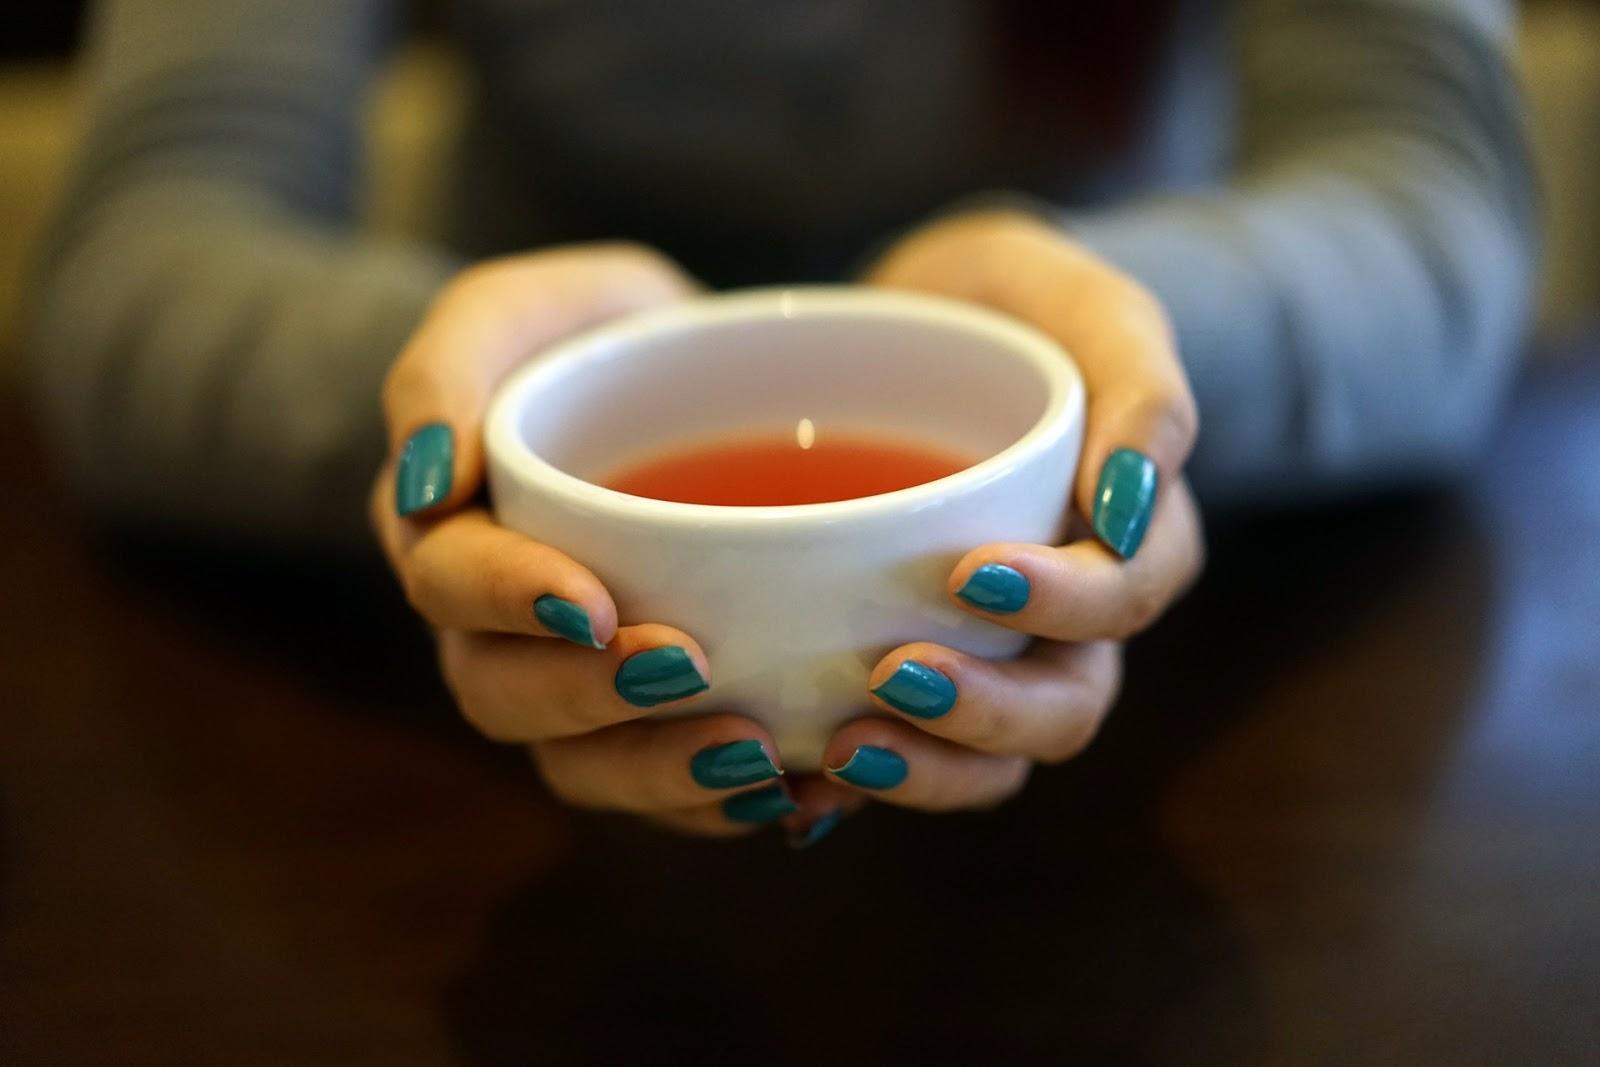 6 Chás Que Vão Acelerar o Teu Metabolismo - www.amaeefit.com - alimentação saudável, aumentar metabolismo, dicas para emagrecer, chás